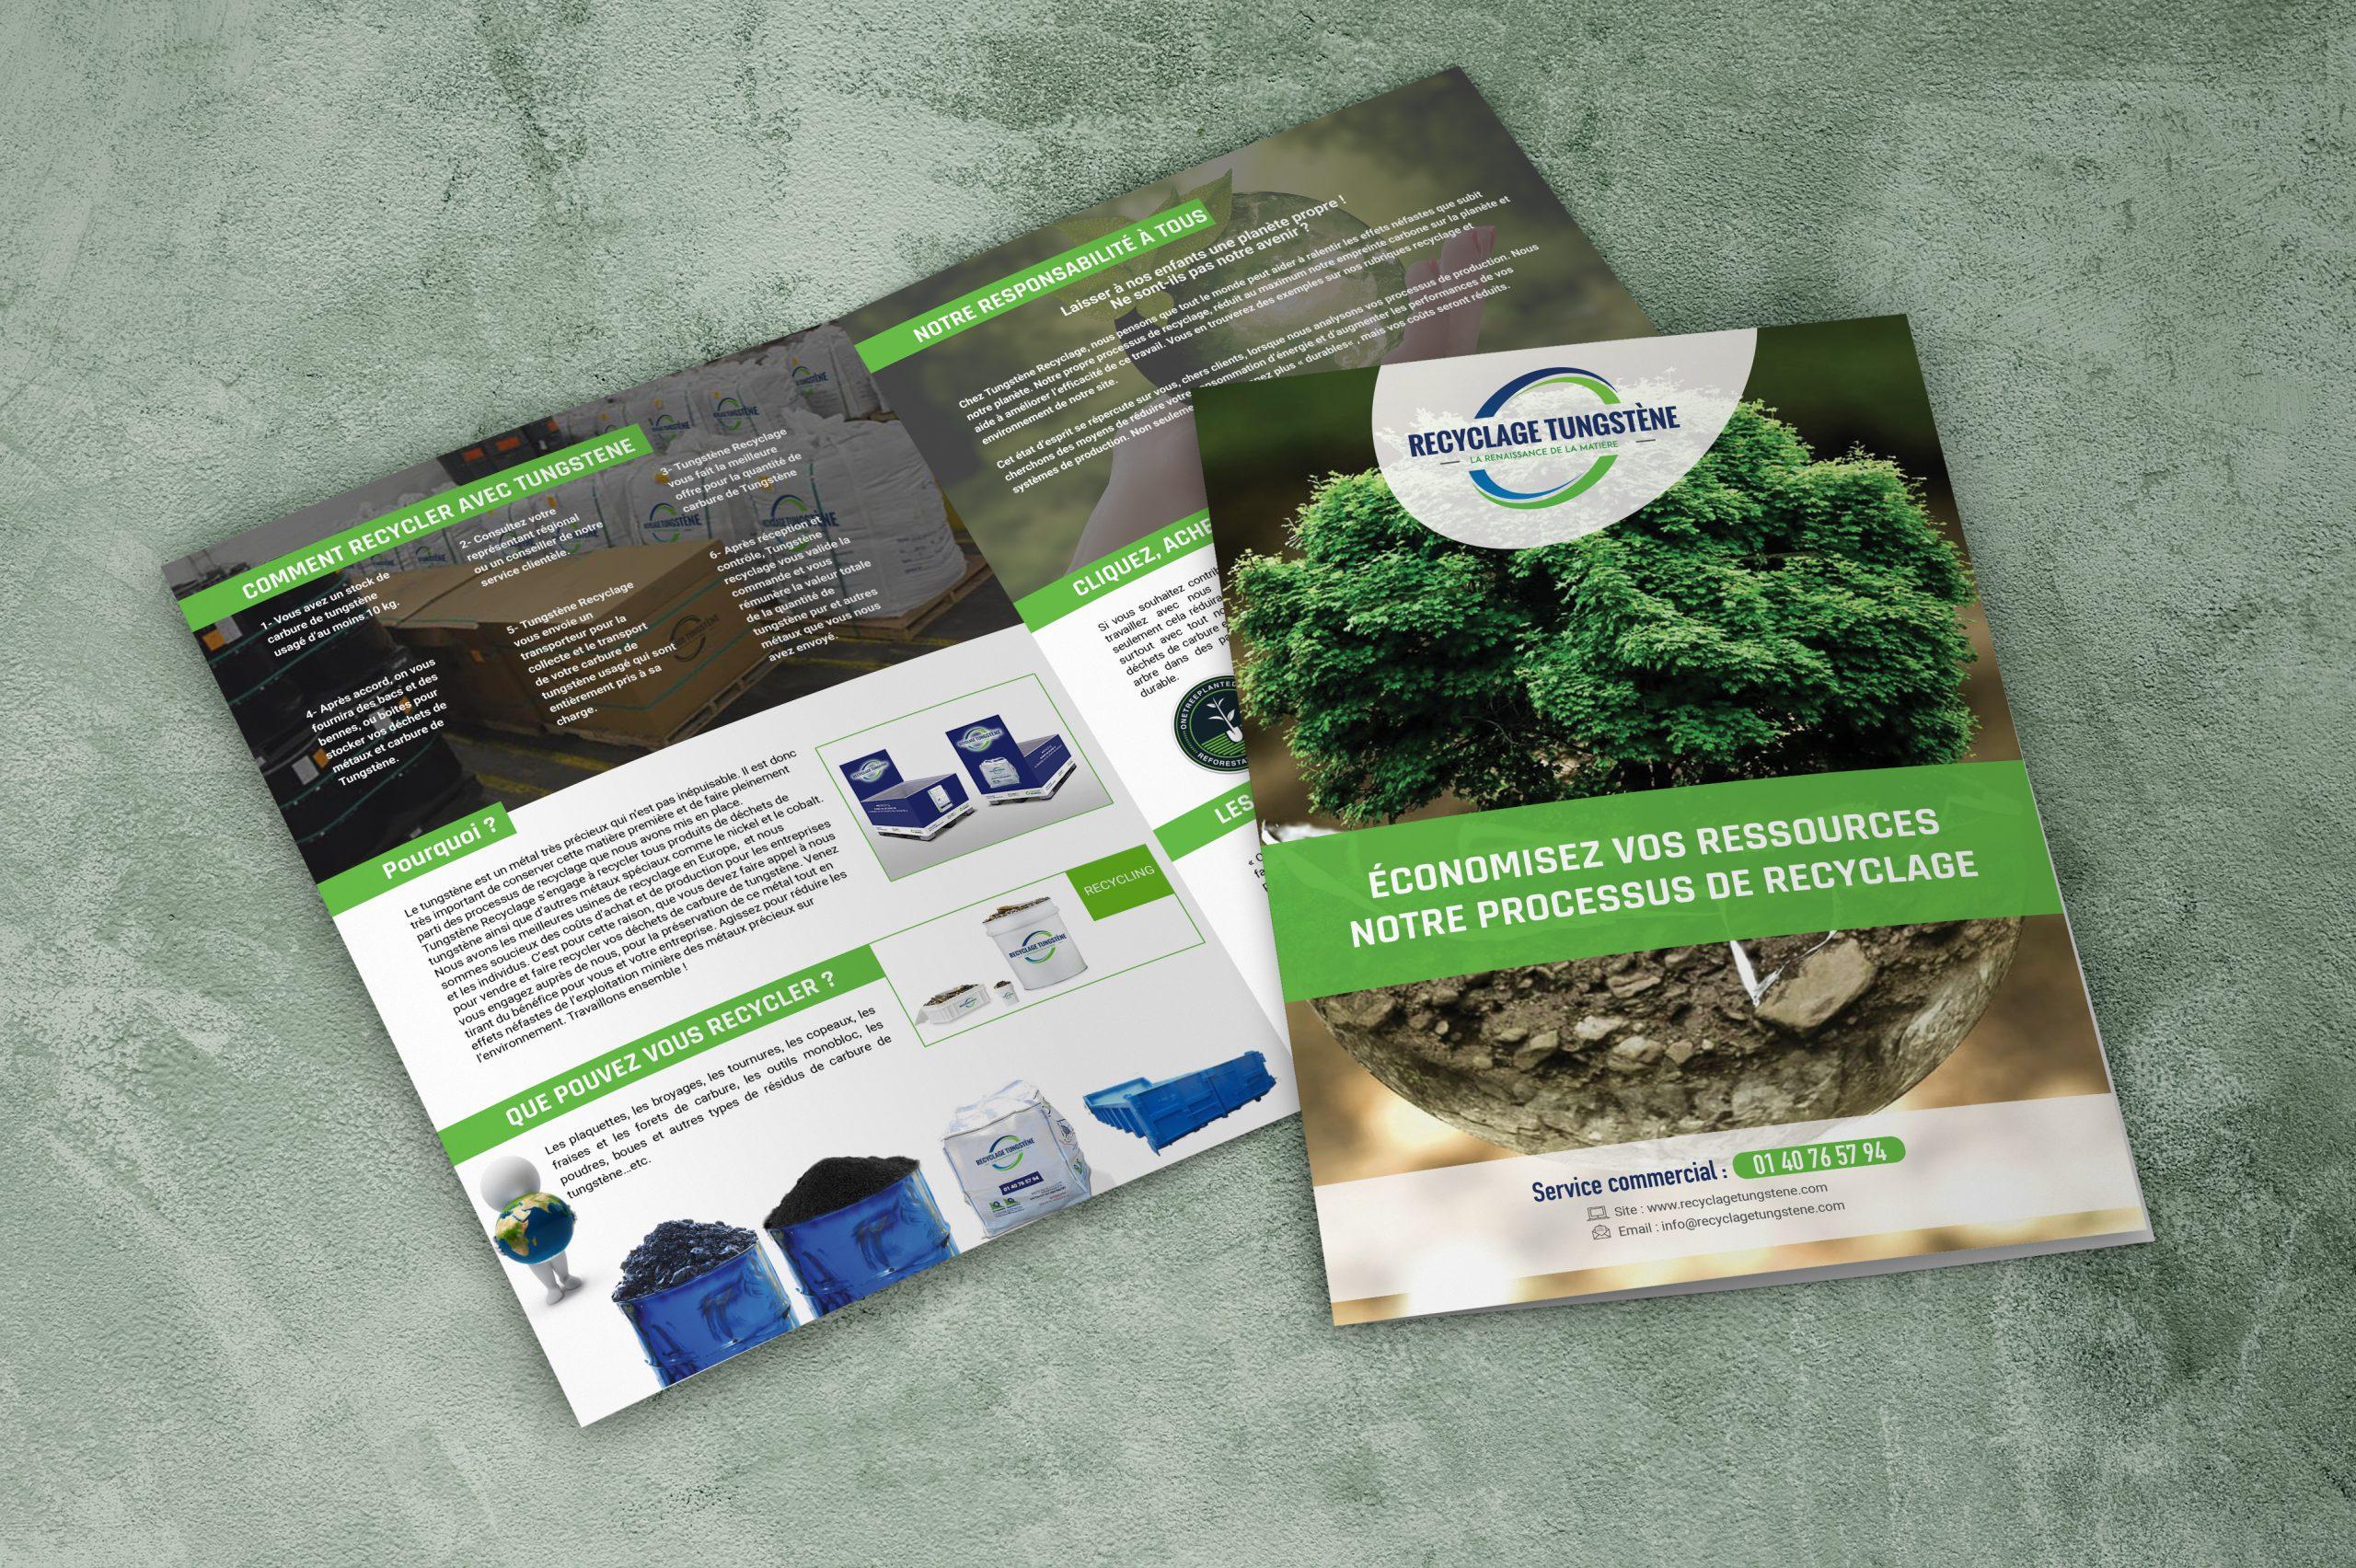 recyclage tungstène